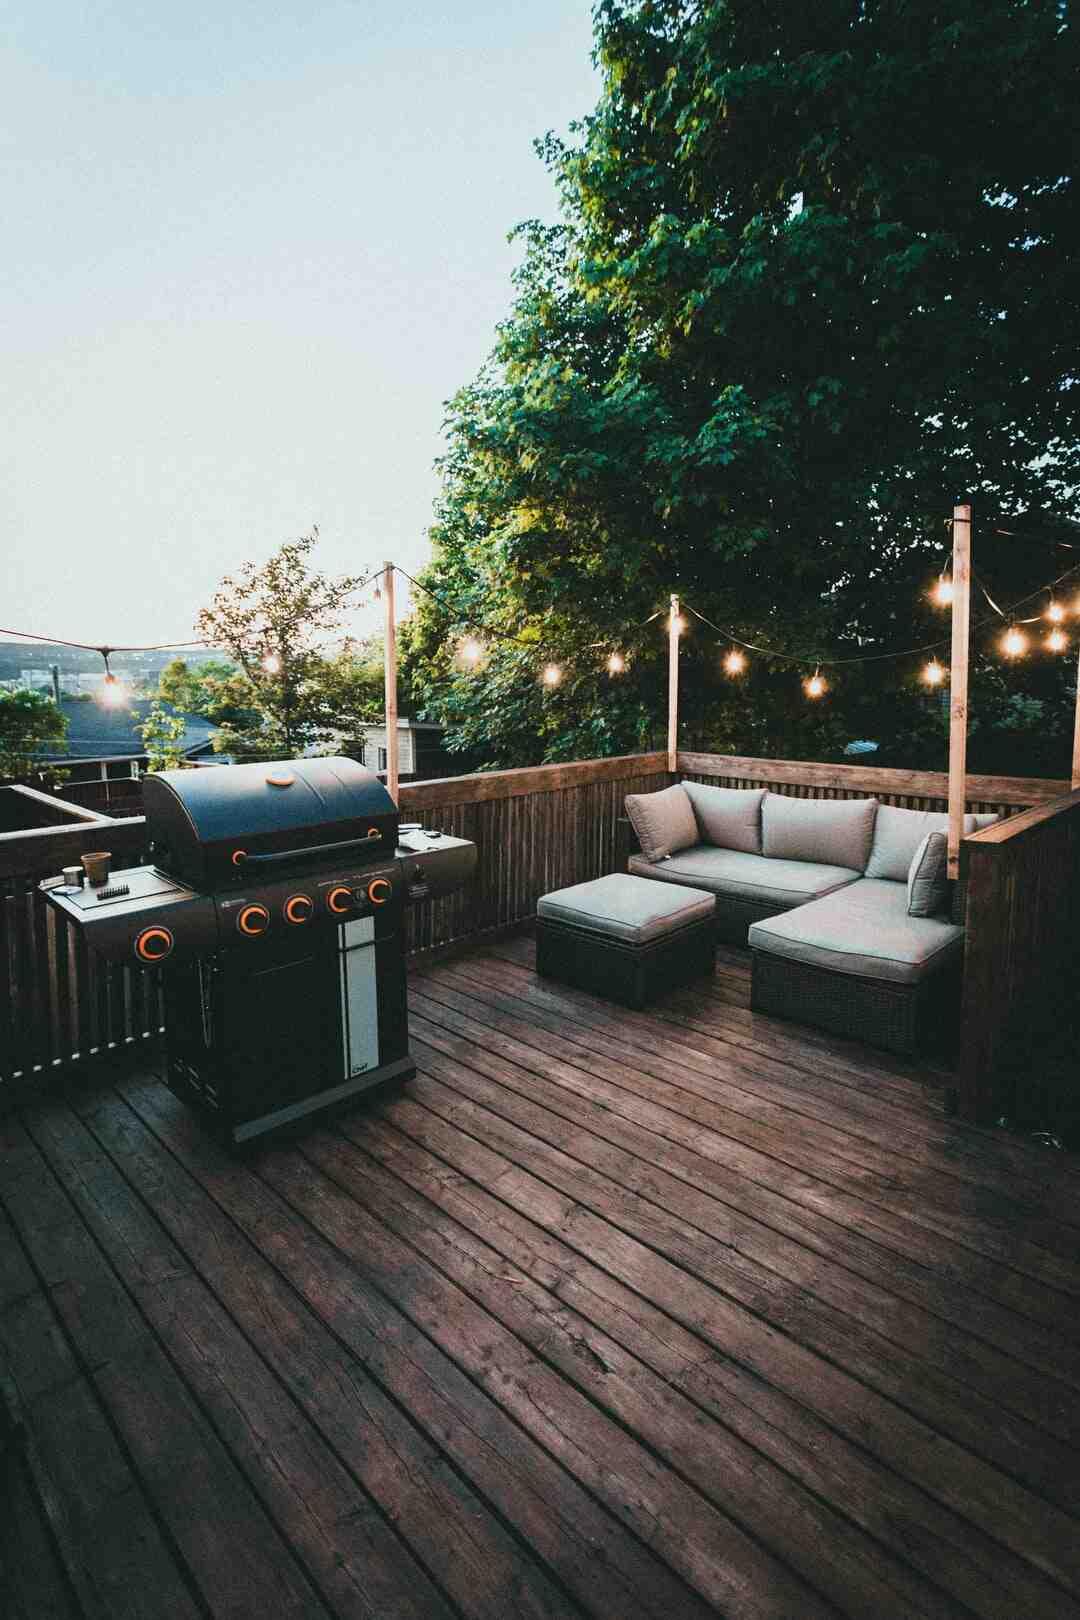 Comment amenager une terrasse à moindre coût ?